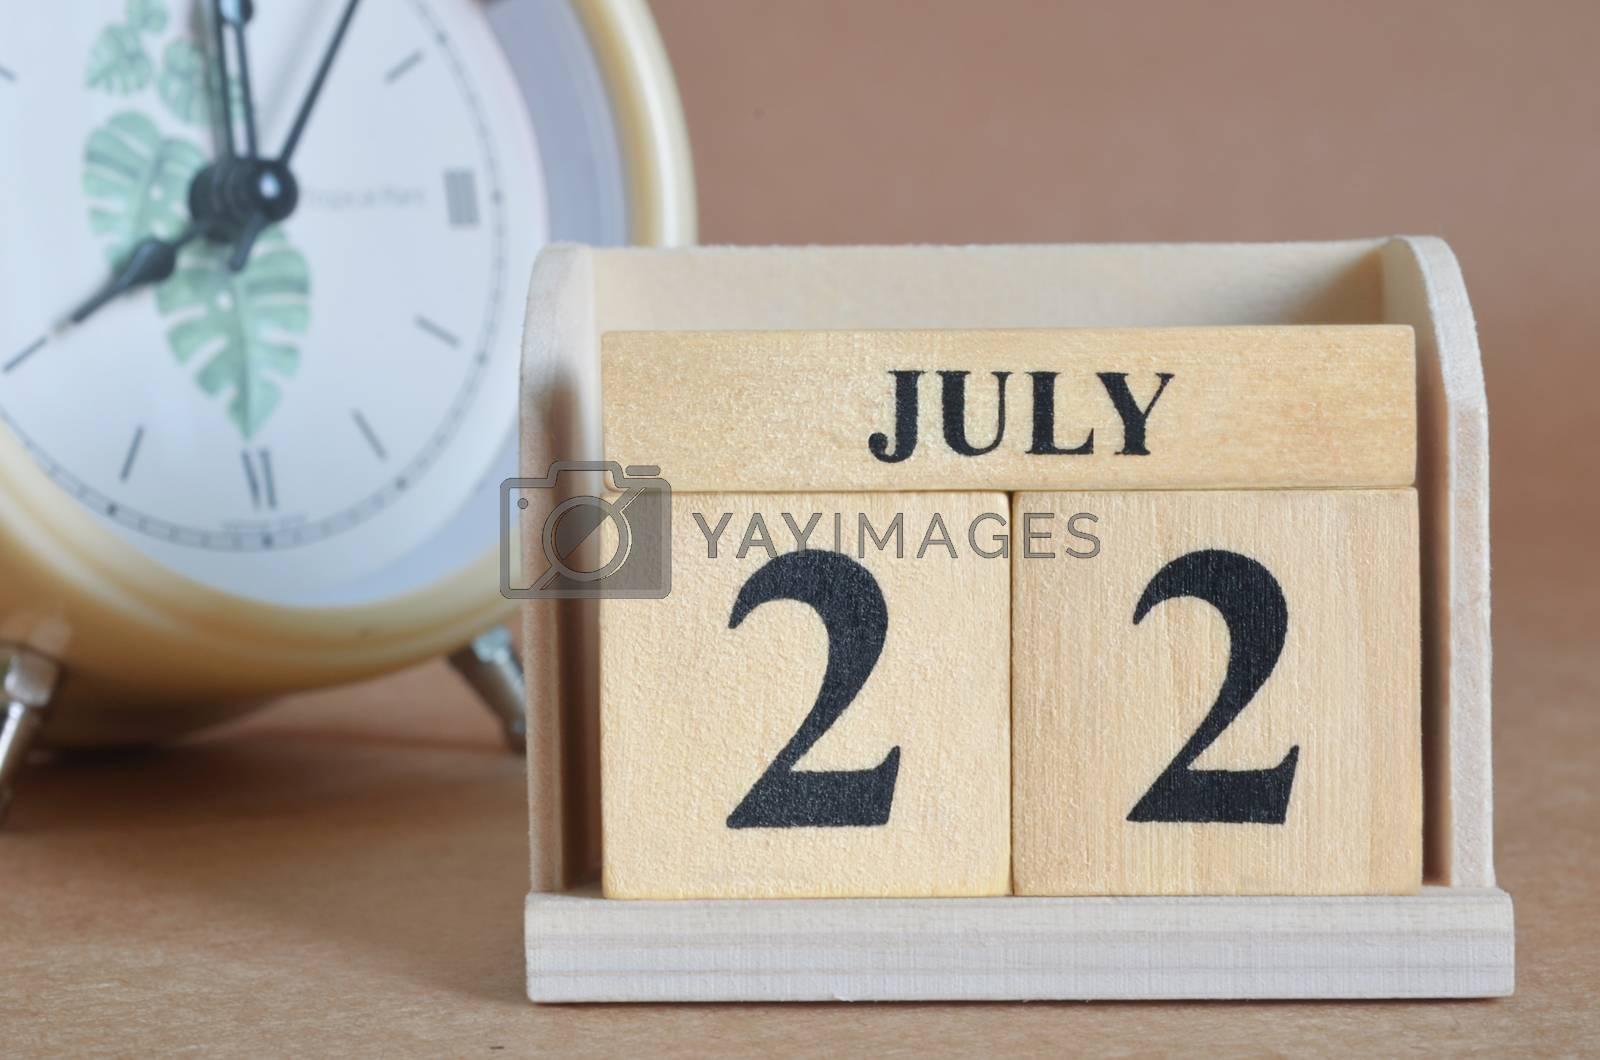 July 22 by Mrfrost